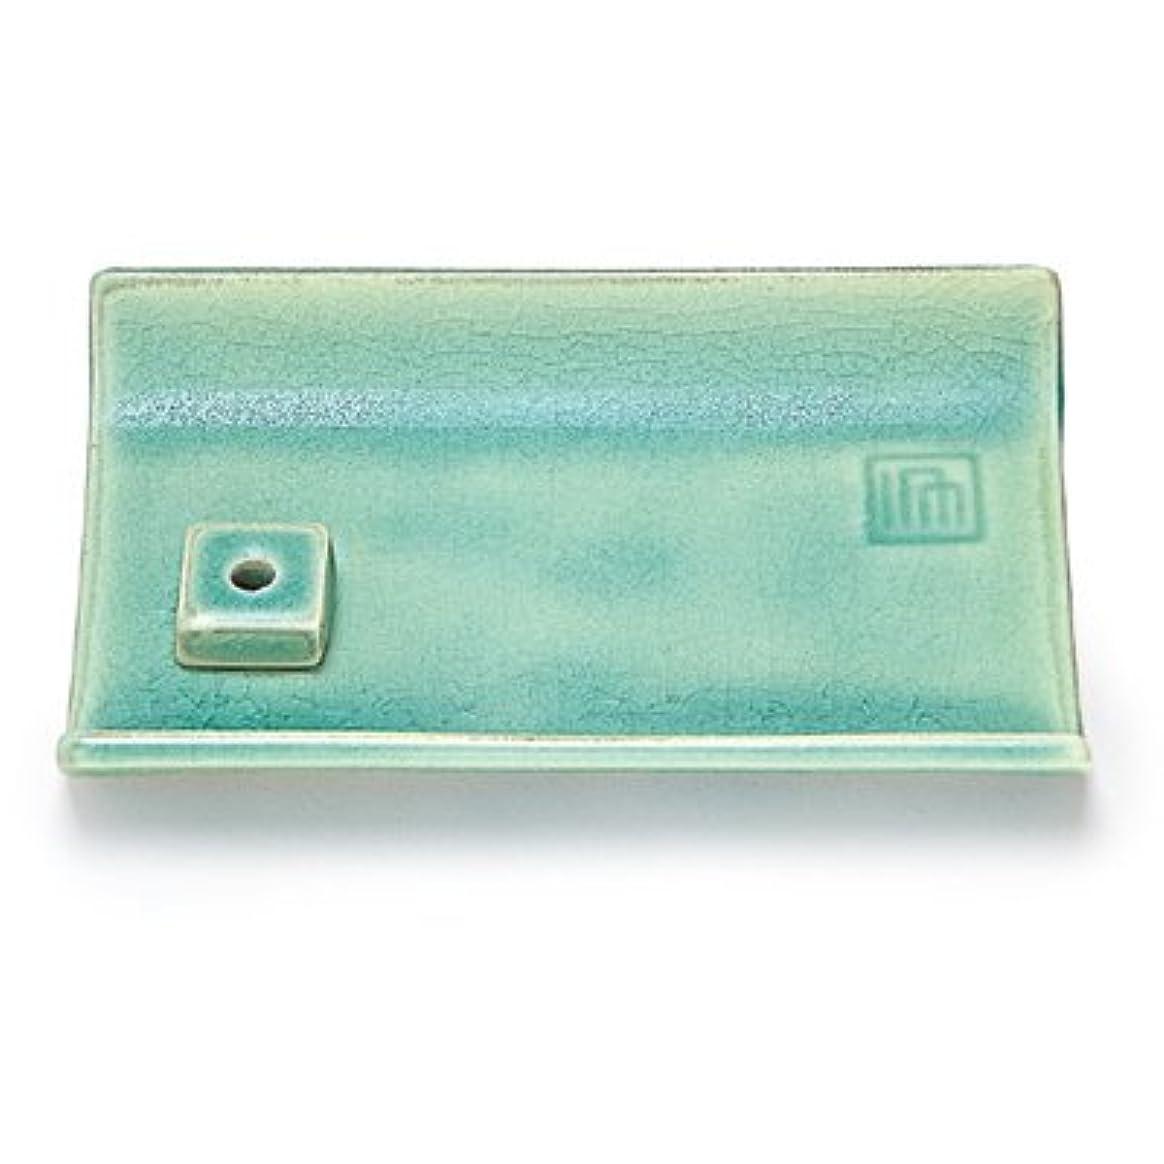 スチュワーデスバッグ解き明かす縁 香皿 青磁色